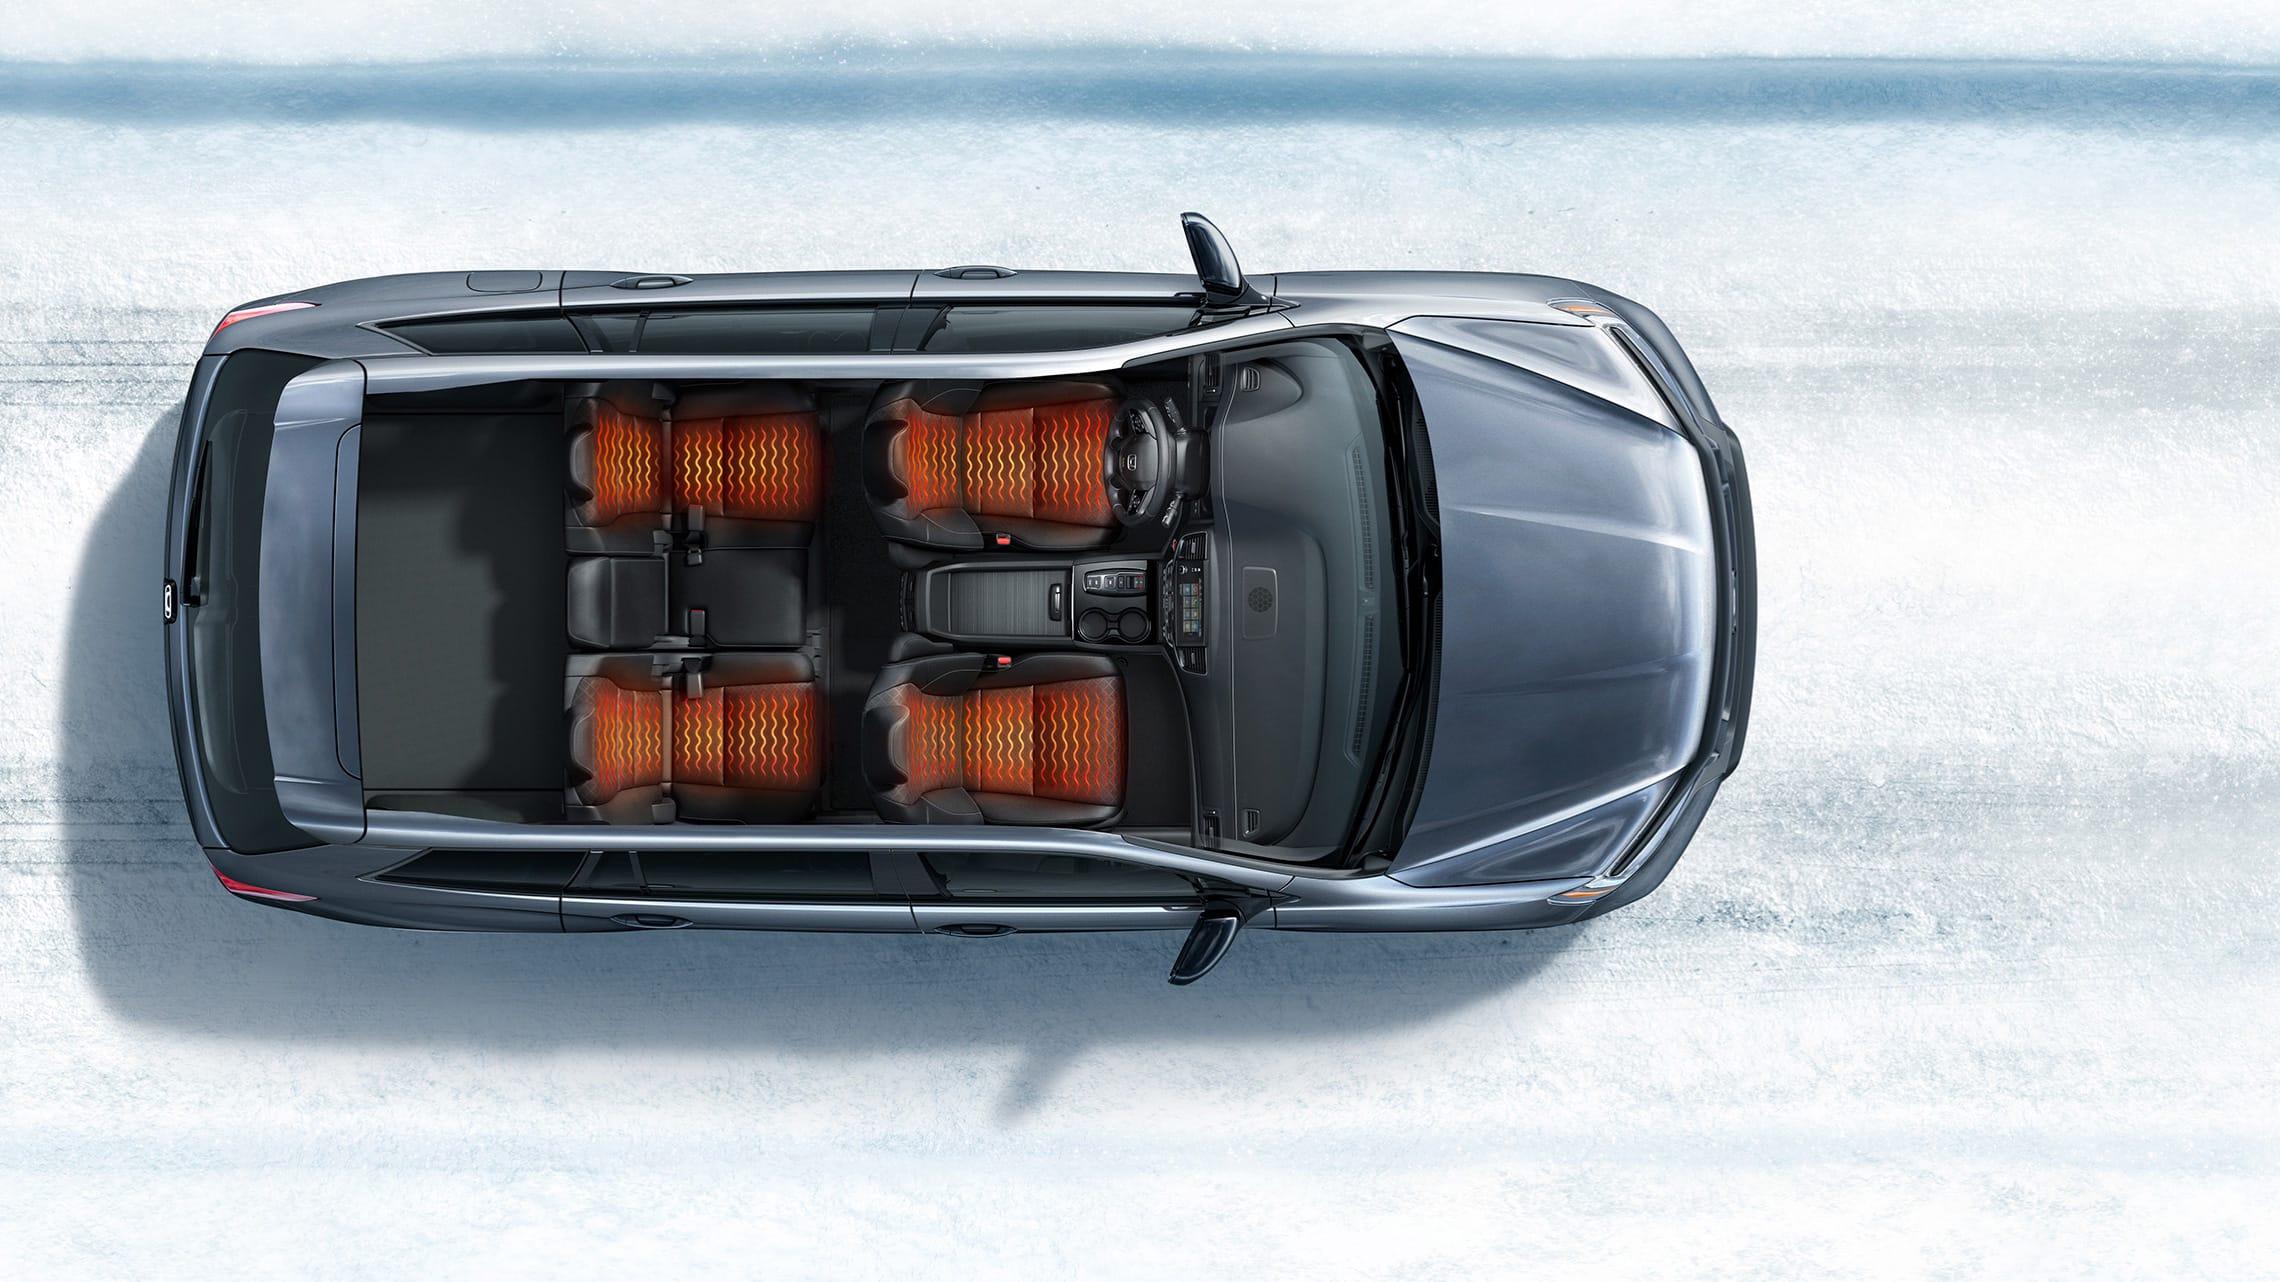 Vista aérea de la Honda Passport Elite2020 que muestra asientos calefaccionados en un entorno de caminos nevados.